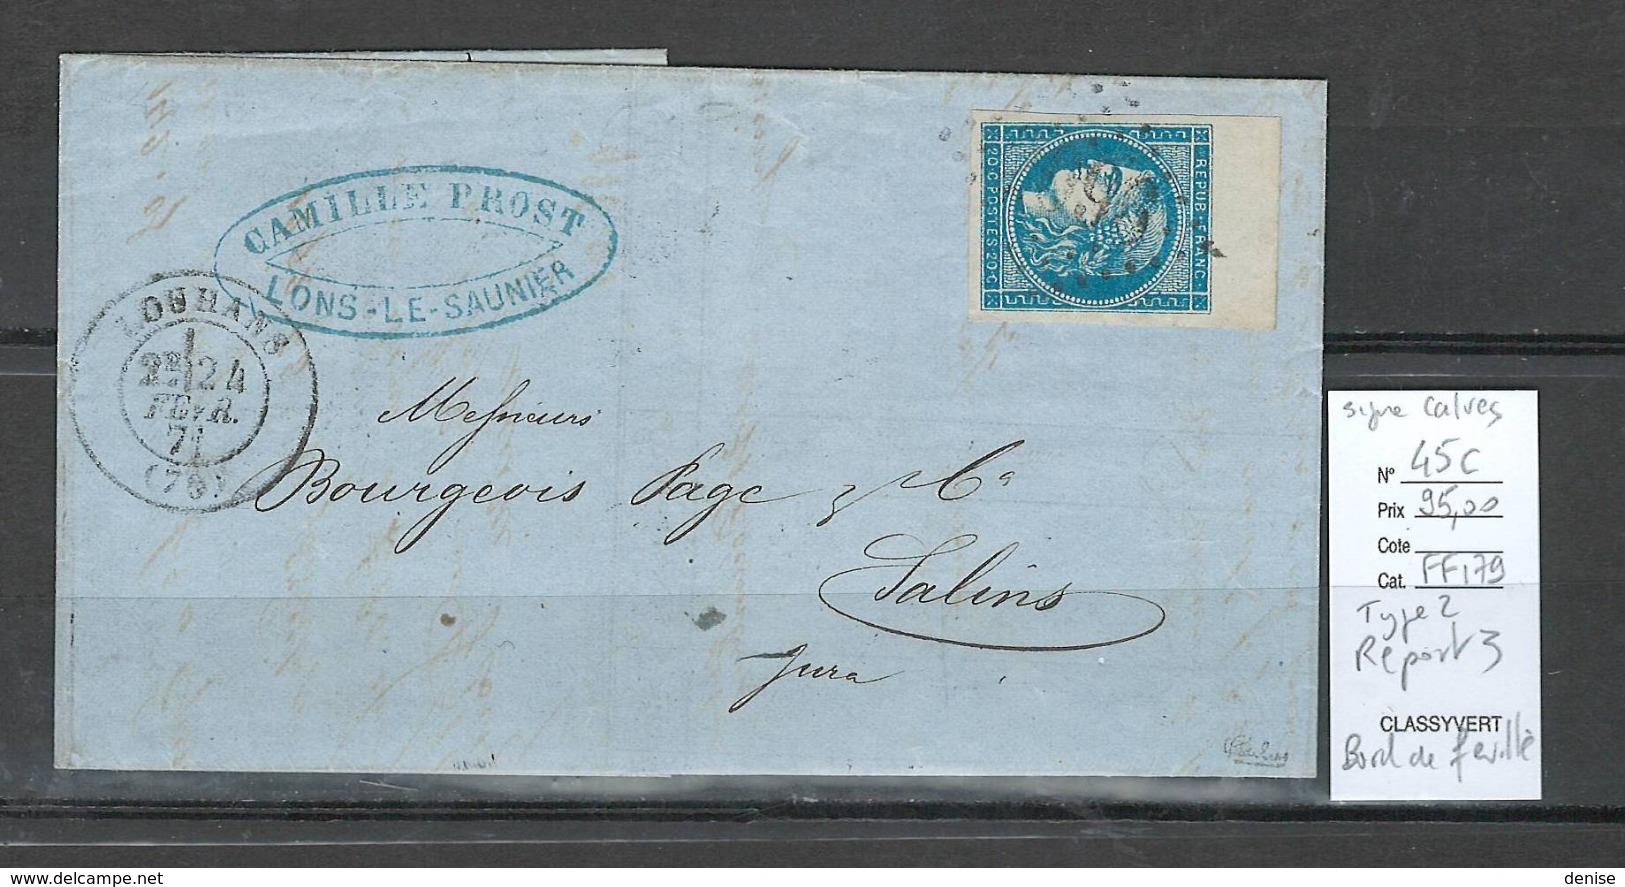 France - Lettre Louhans - Saone Et Loire - Yvert 45c - BORD DE FEUILLE - SIGNE CALVES -1871 - 1870 Emission De Bordeaux